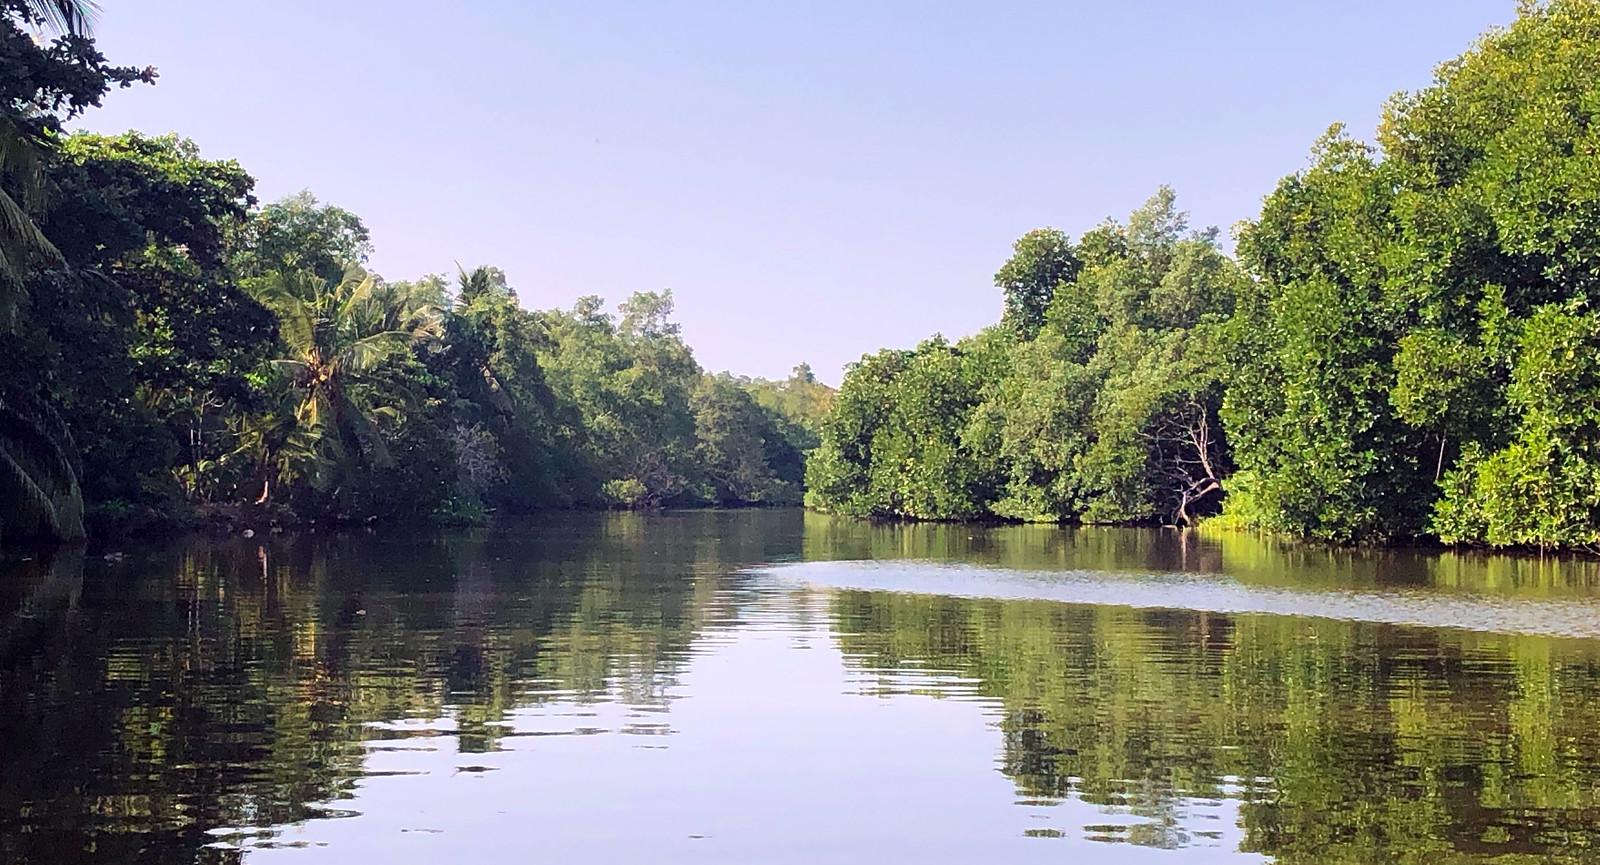 Qué hacer en Unawatuna, Sri Lanka qué hacer en unawatuna - 47083316262 bf5fe5341d h - Qué hacer en Unawatuna, el paraíso de Sri Lanka